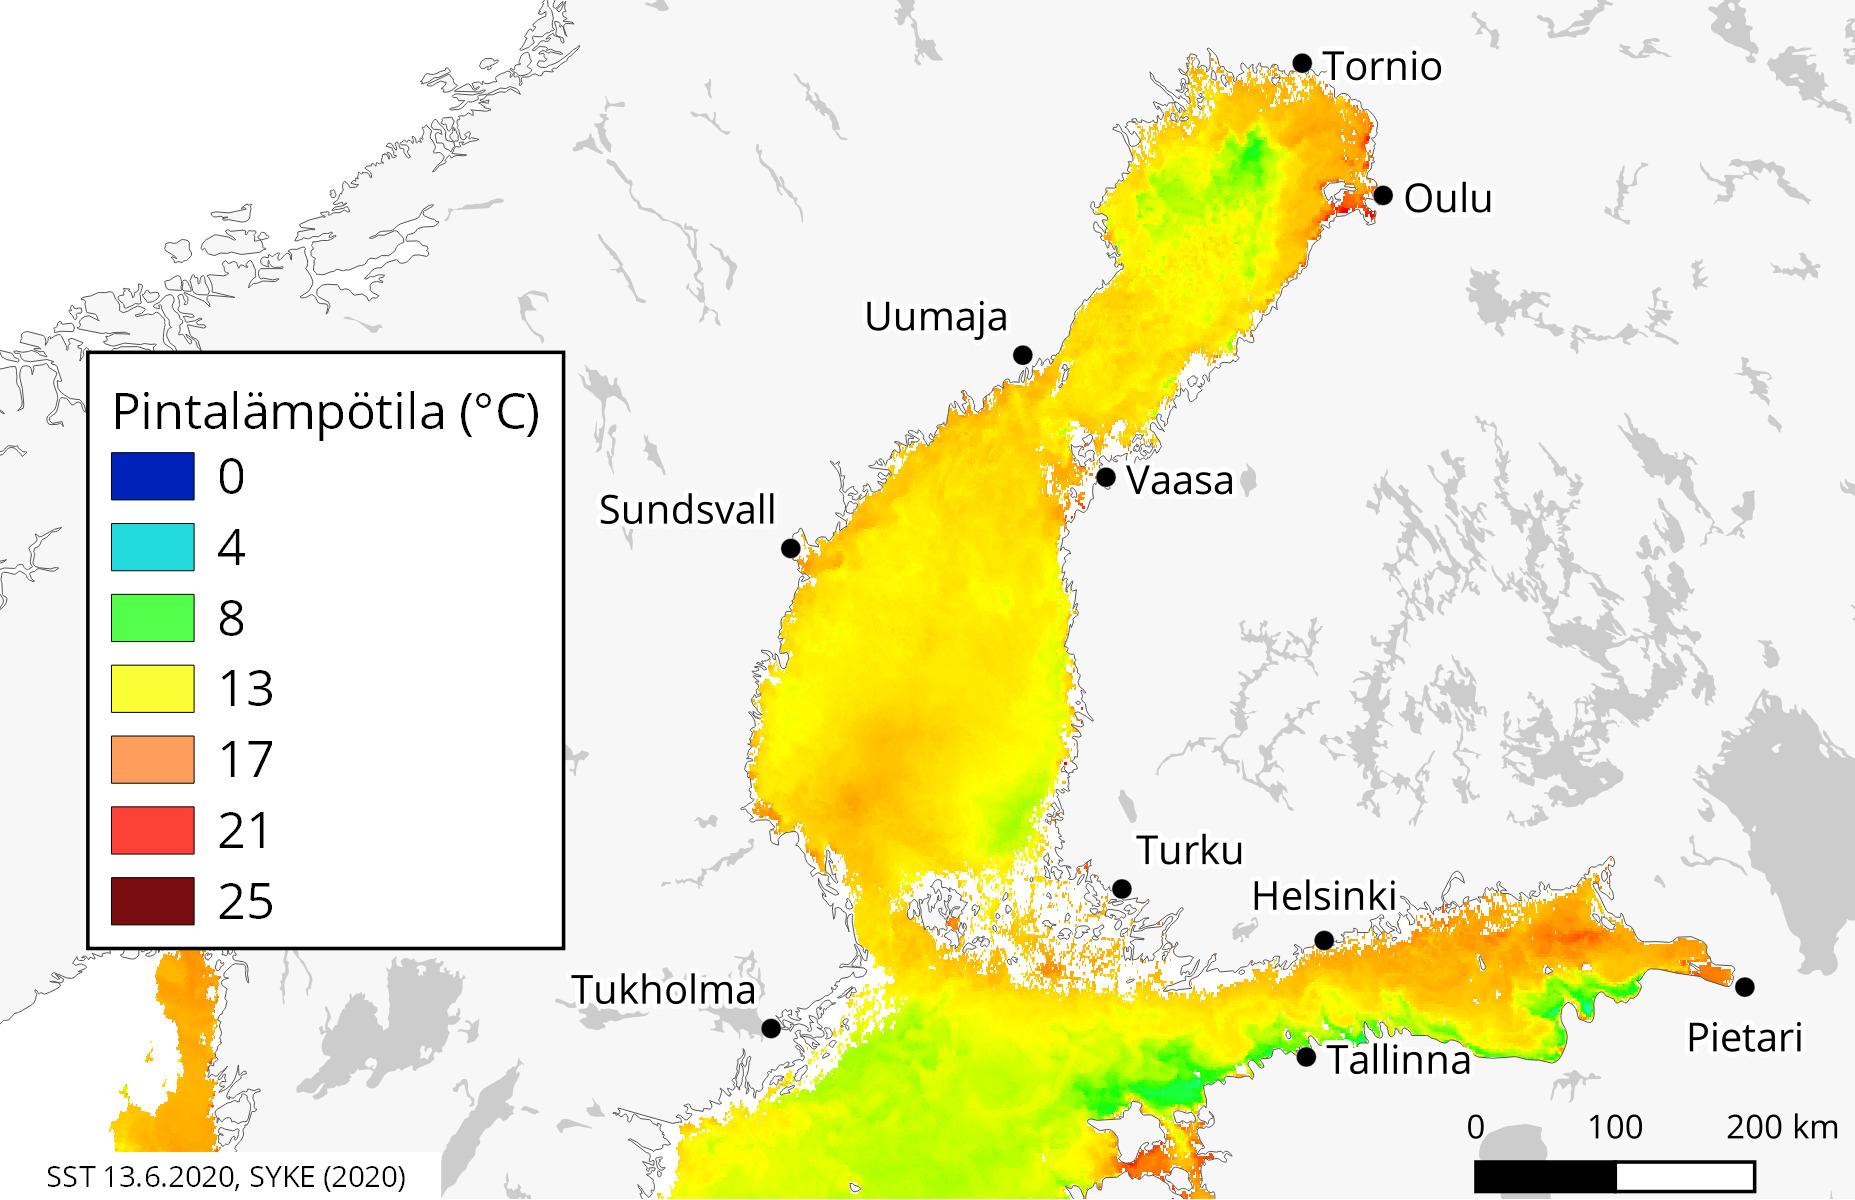 Oulujärvi Jäätilanne